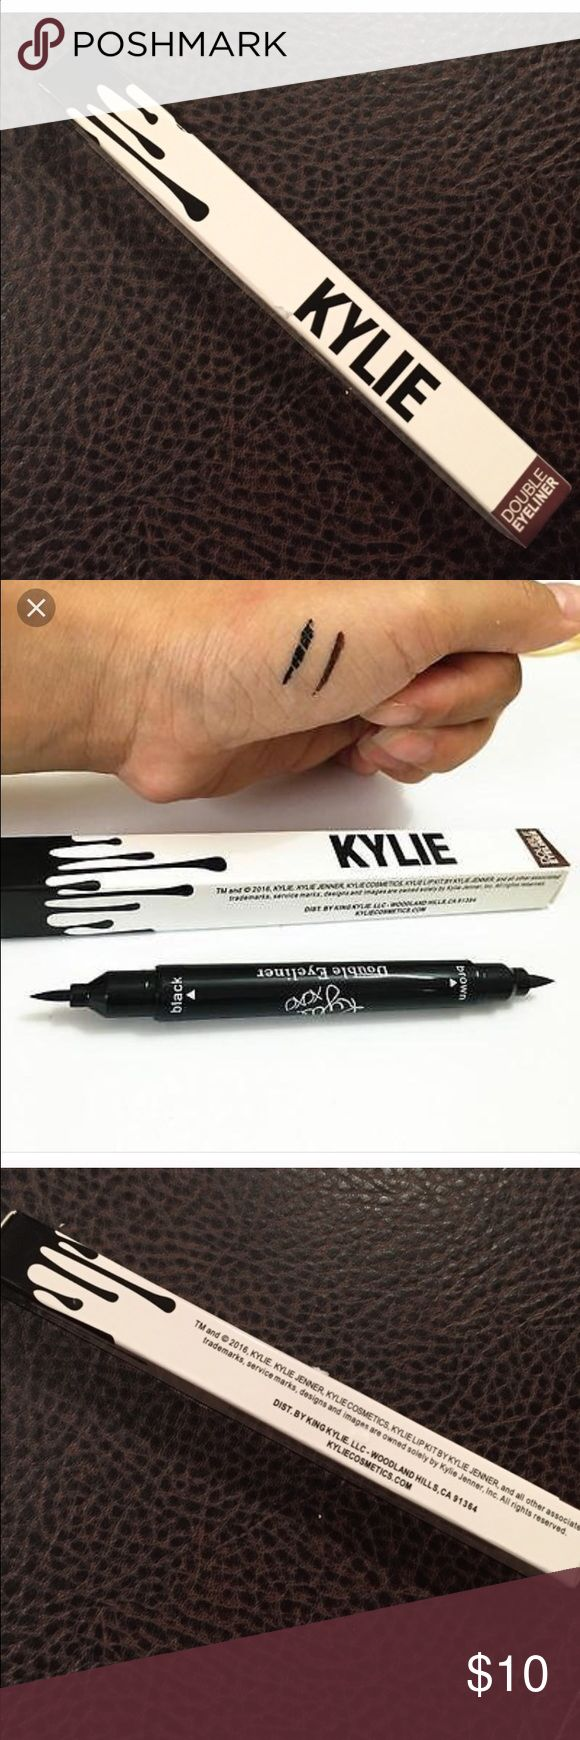 Kylie liquid double eyeliner brand new. Black/brown liquid eyeliner new in box Kylie Cosmetics Makeup Eyeliner